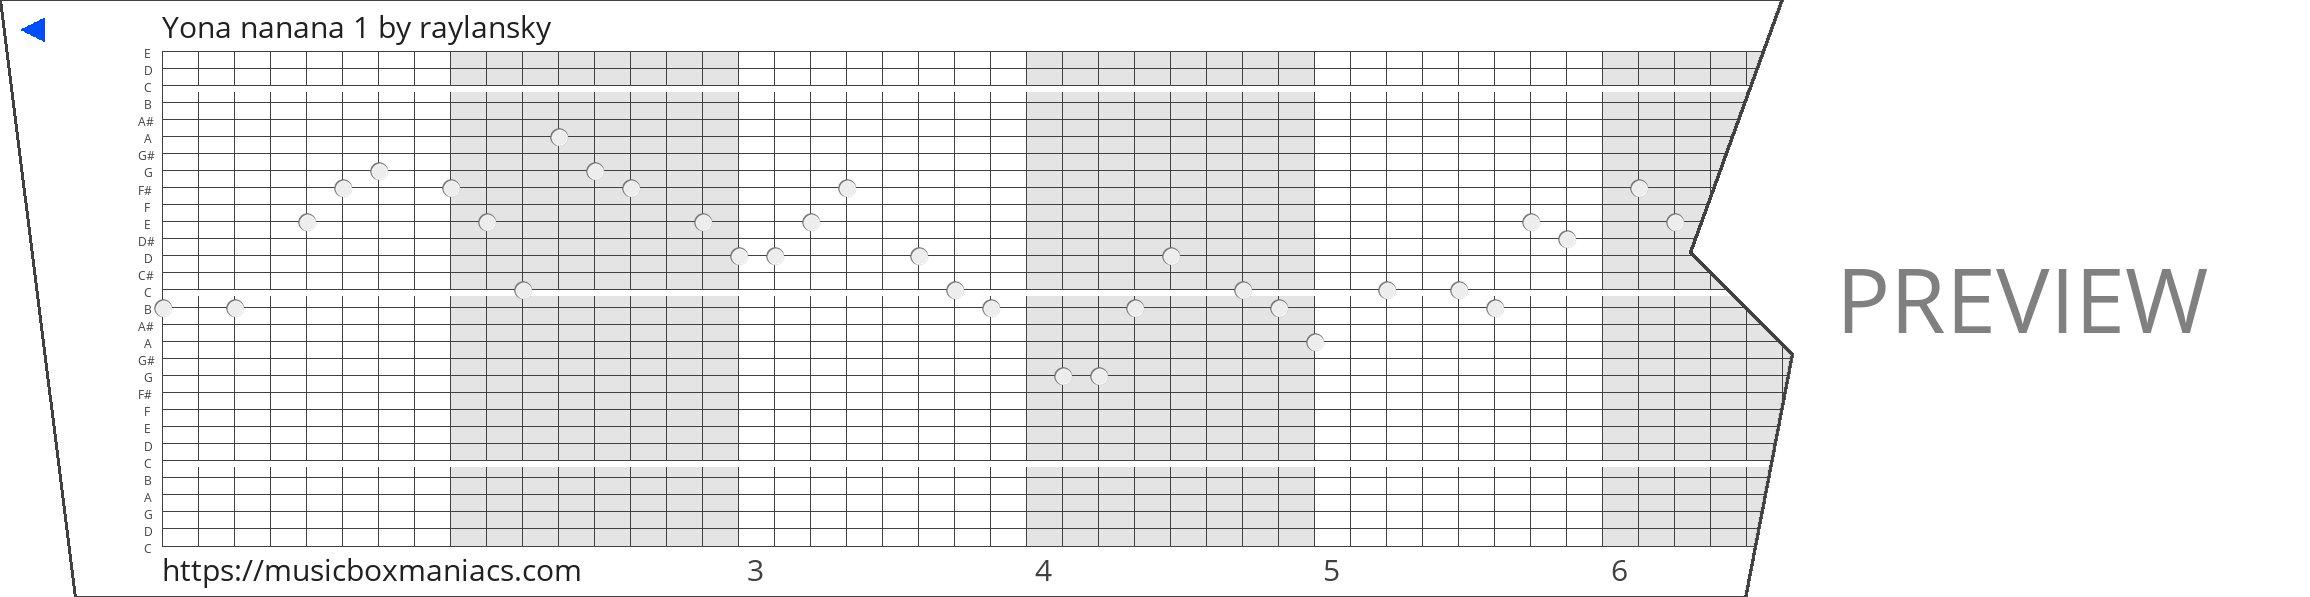 Yona nanana 1 30 note music box paper strip